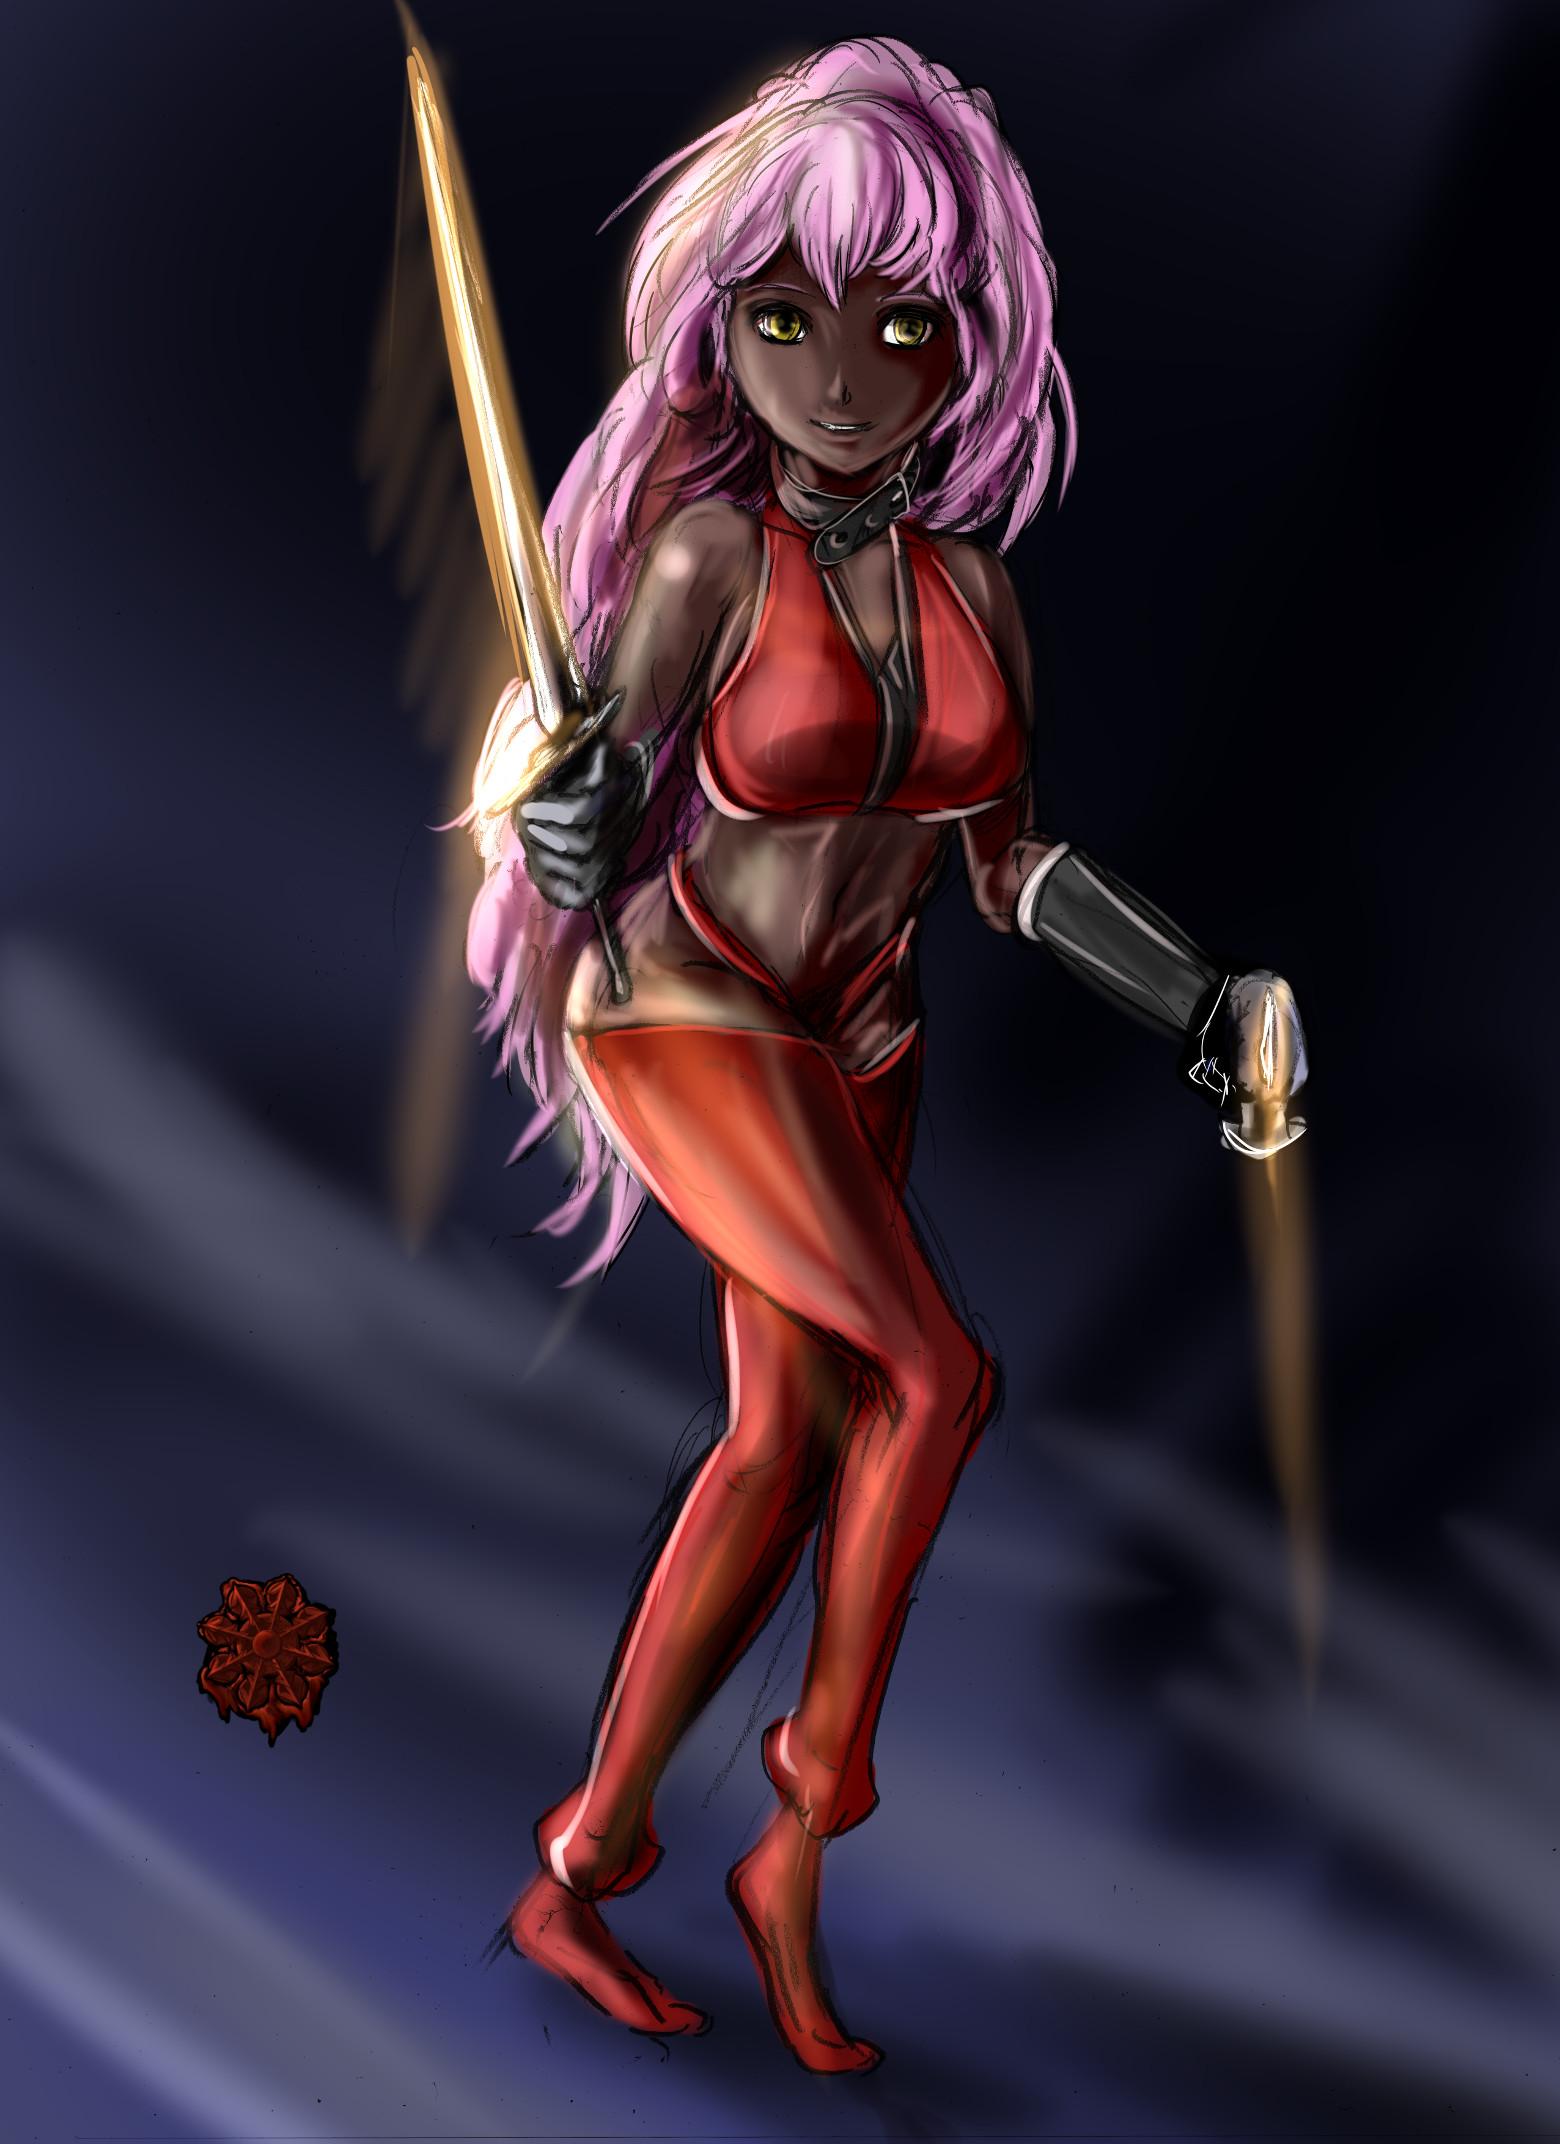 セクシーギャルニーベルング魔法戦士